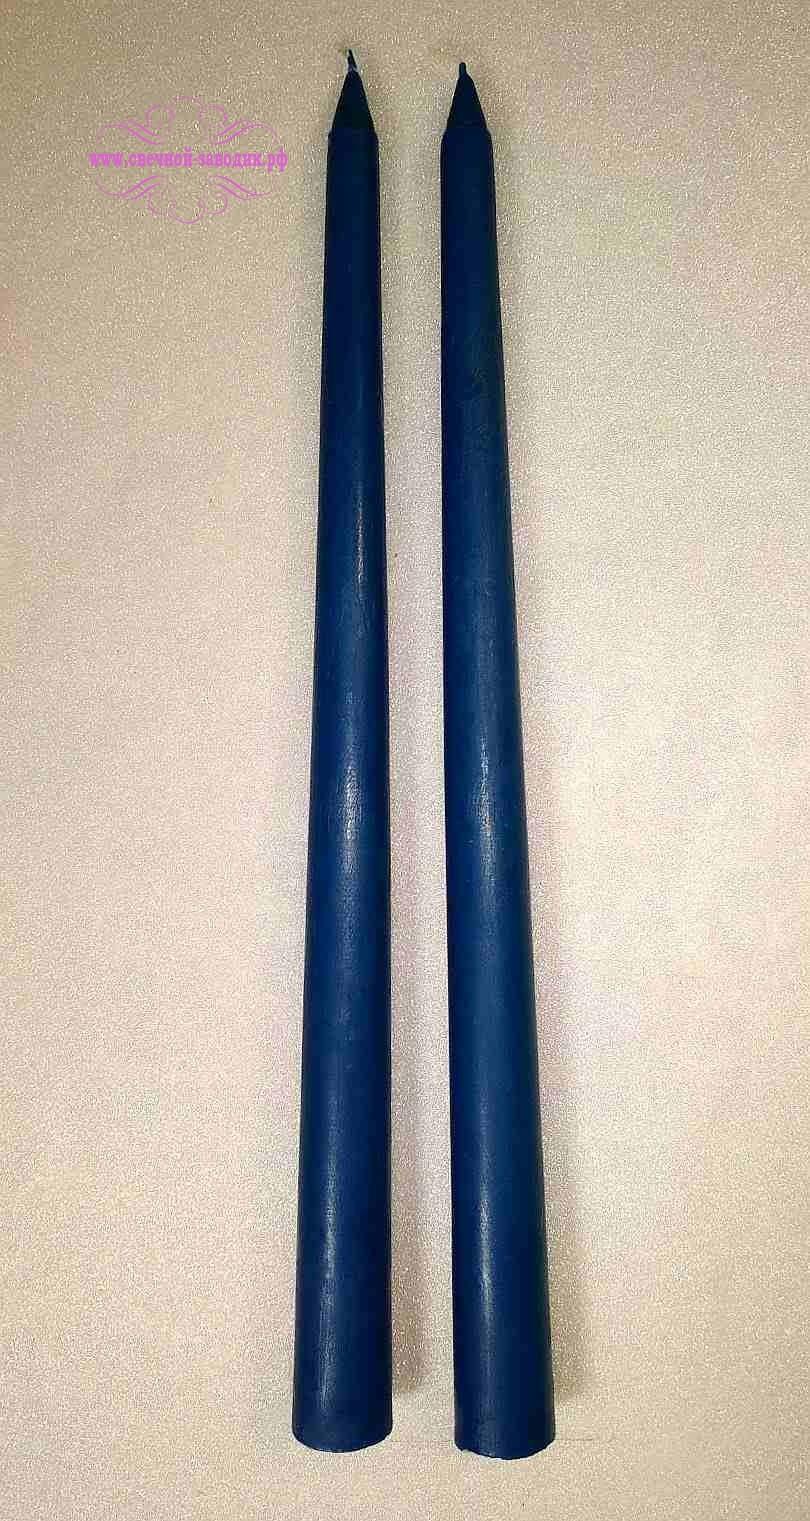 Свеча синяя. Античная, конусная. 27 см.